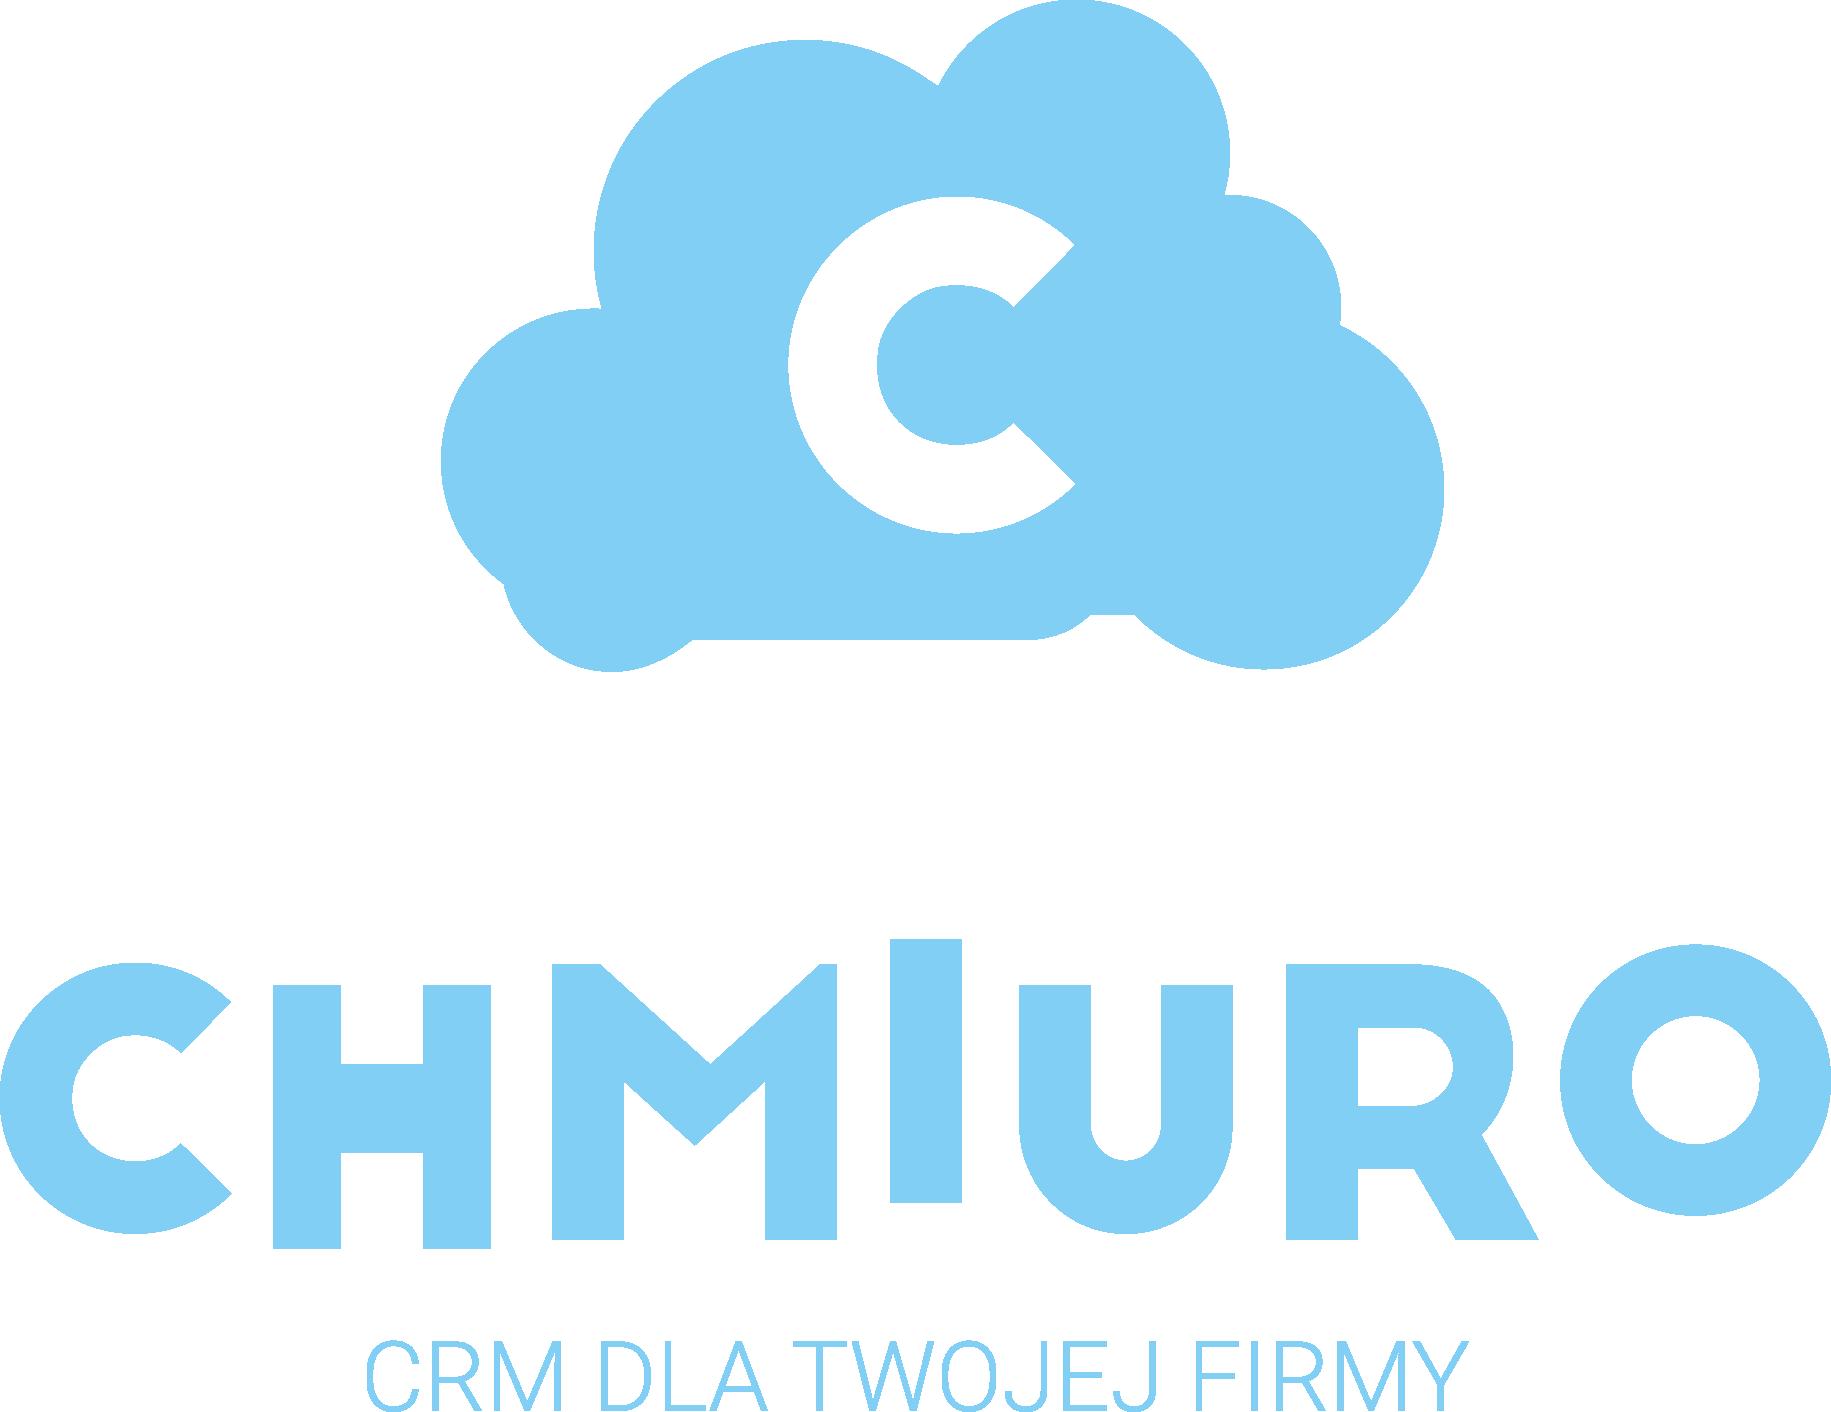 Chmurio